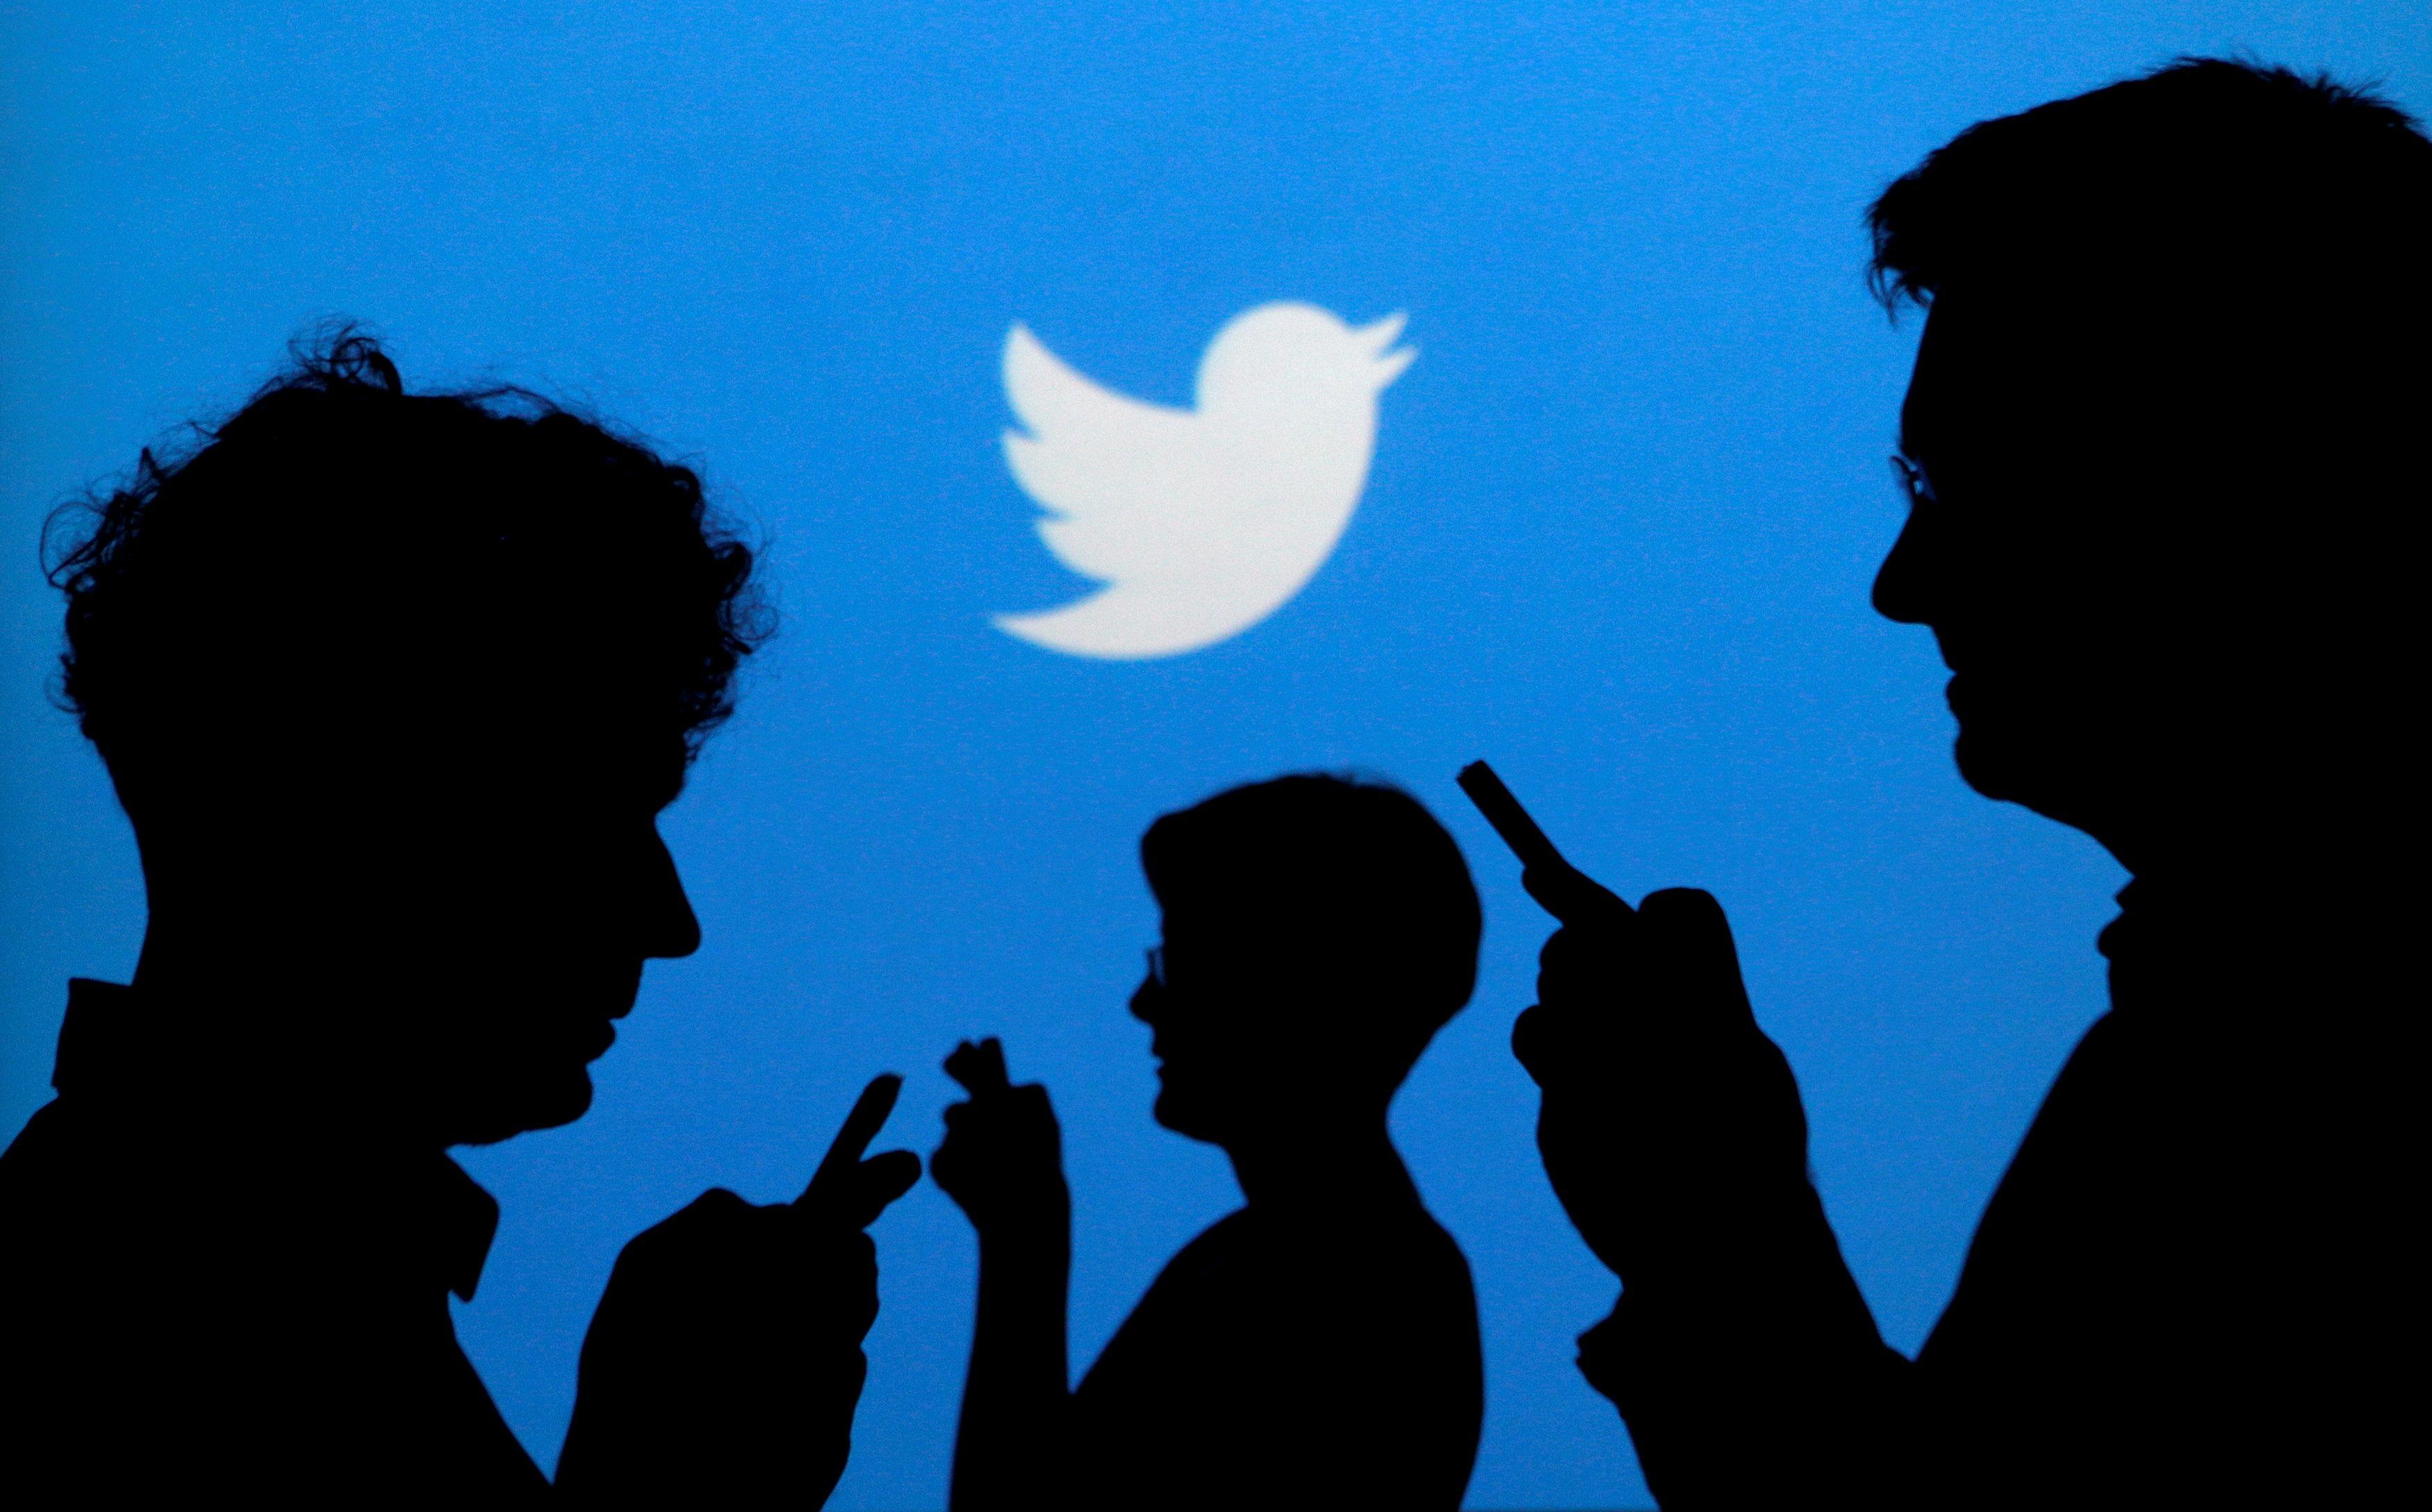 Twitter diz que vai tomar medidas para que eleições do Reino Unido sejam 'saudáveis e seguras'